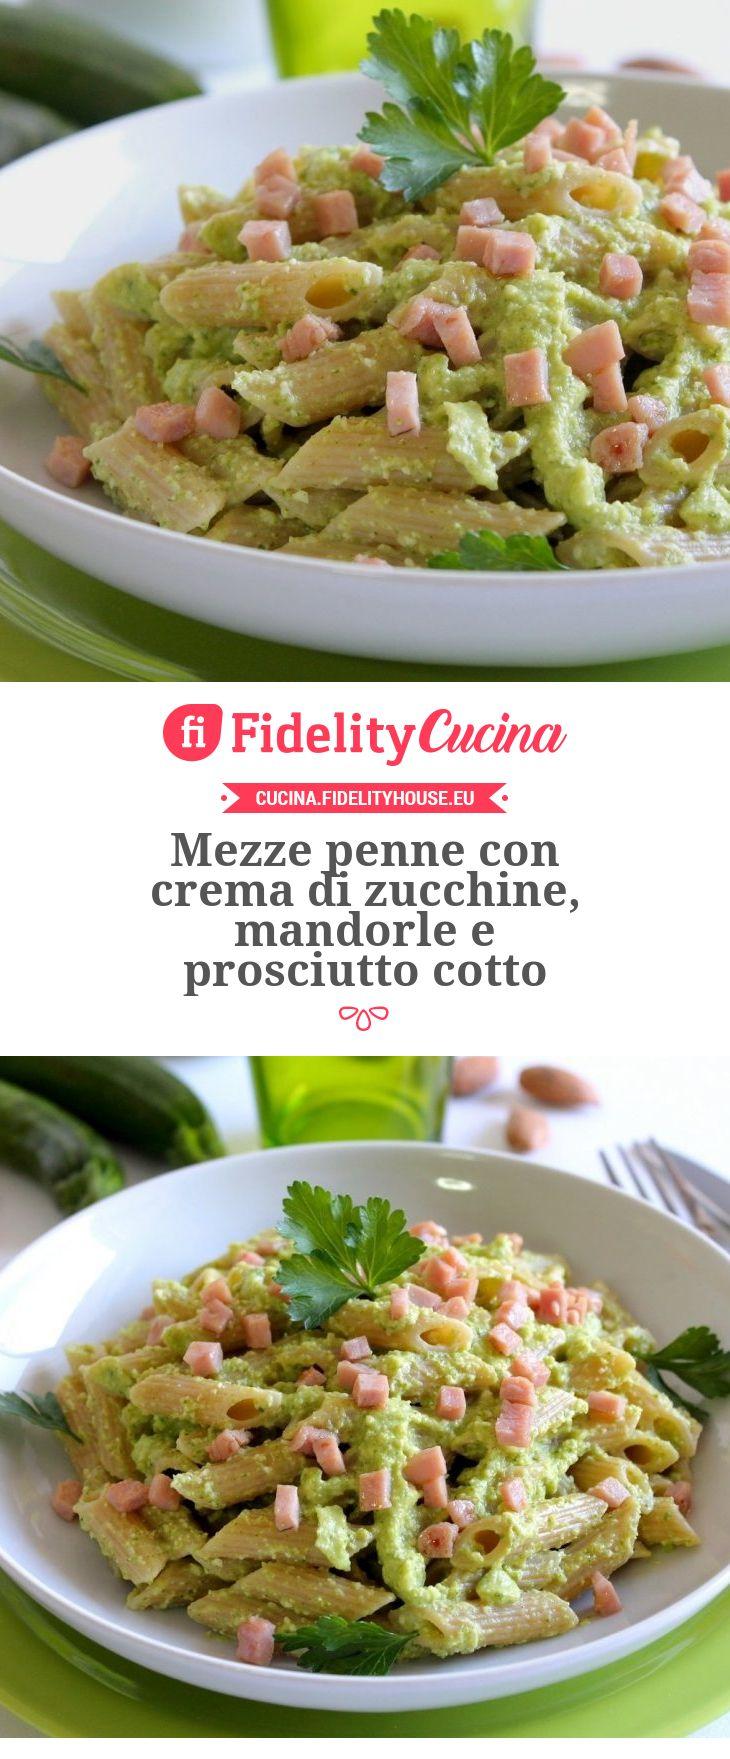 Mezze penne con crema di zucchine, mandorle e prosciutto cotto